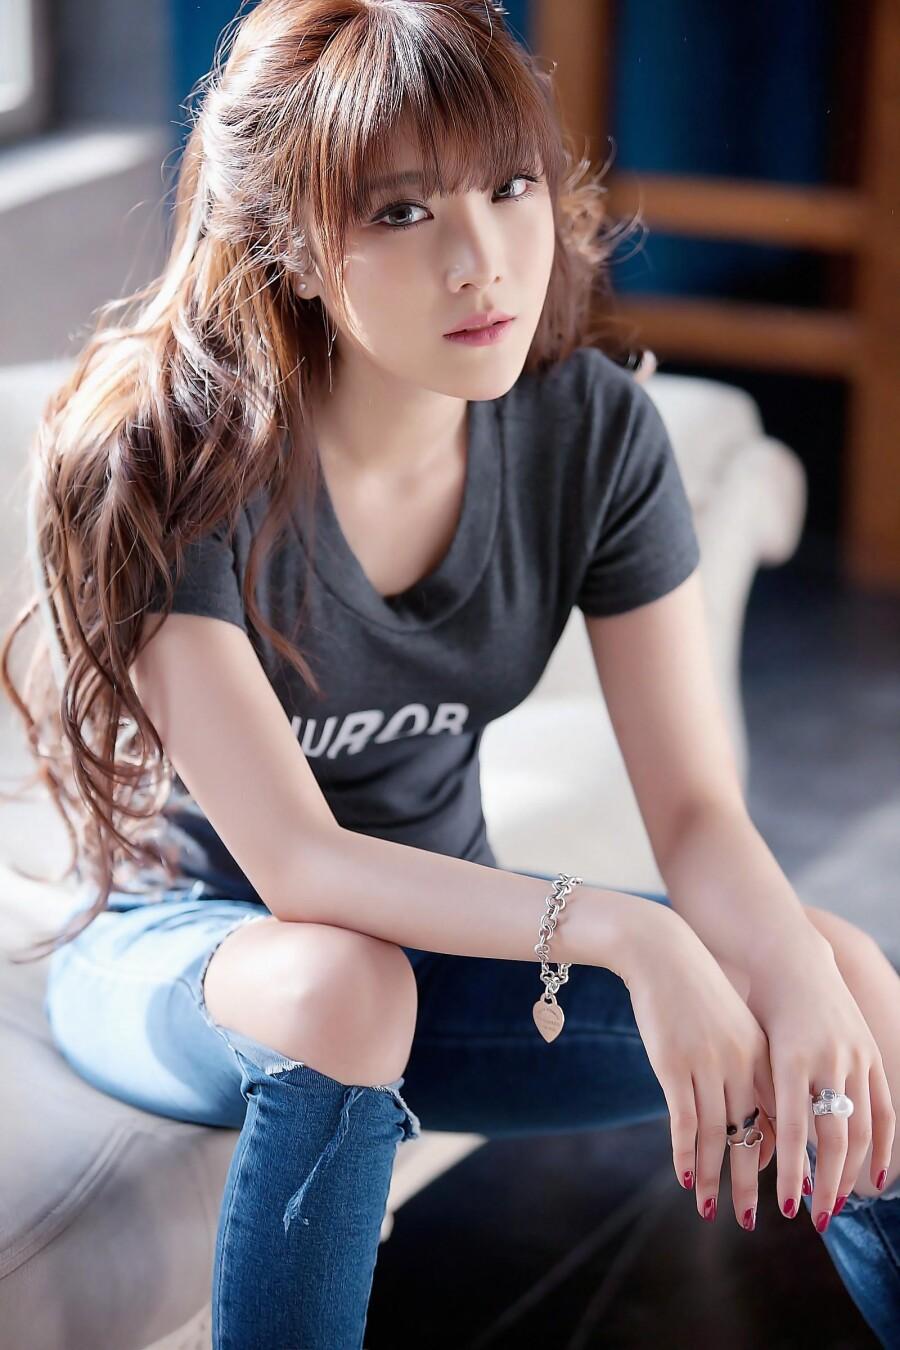 【时尚性感欣赏篇】人见人爱--迷人清纯美女 第36辑 - 浪漫人生 - .